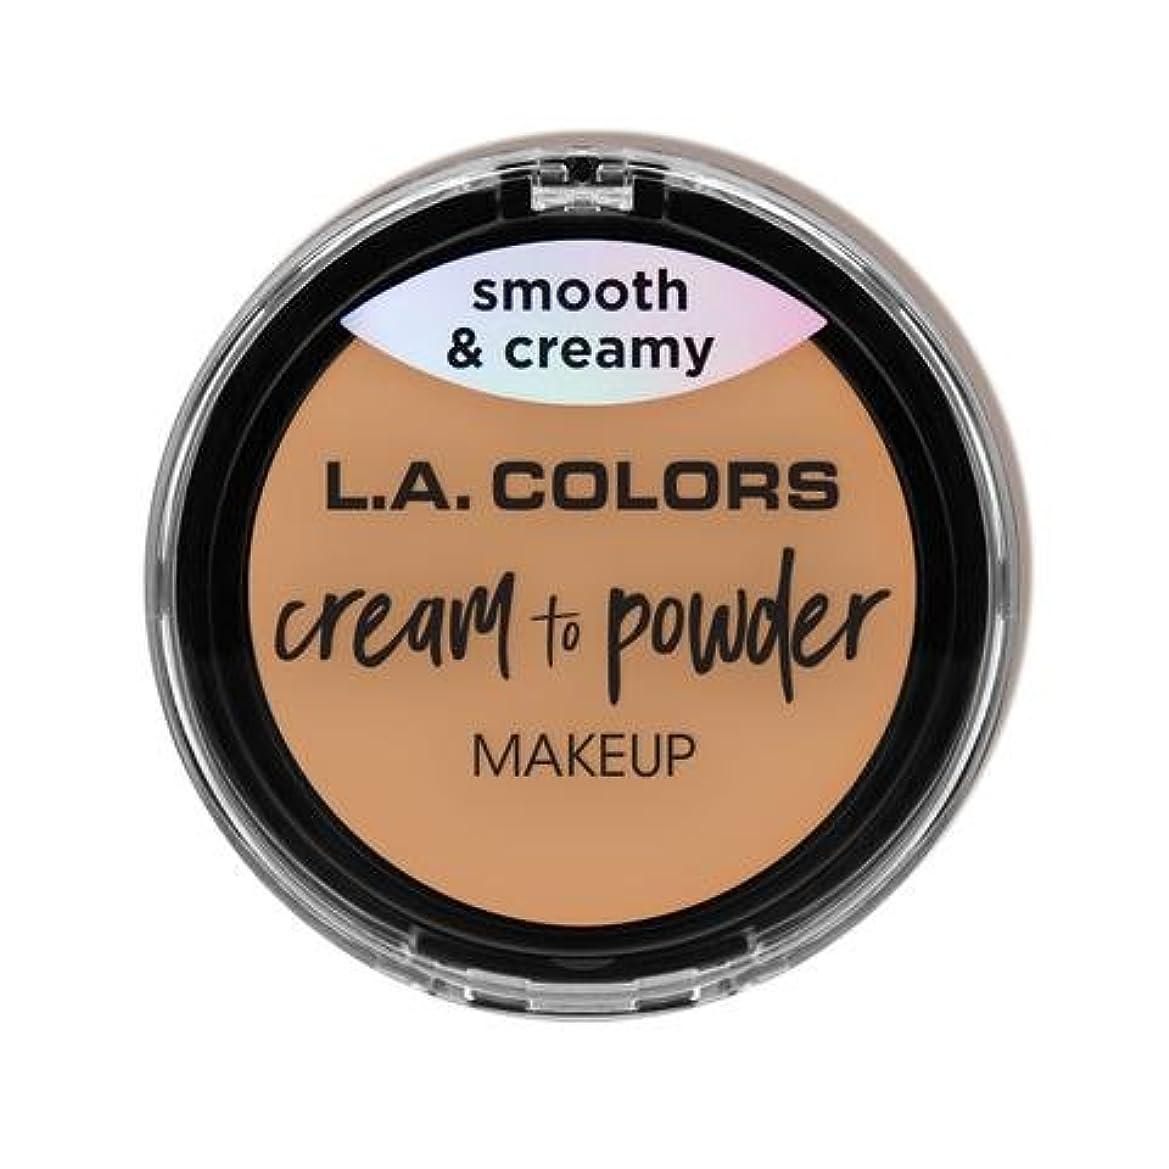 戸棚悲観主義者無一文(6 Pack) L.A. COLORS Cream To Powder Foundation - Honey Beige (並行輸入品)